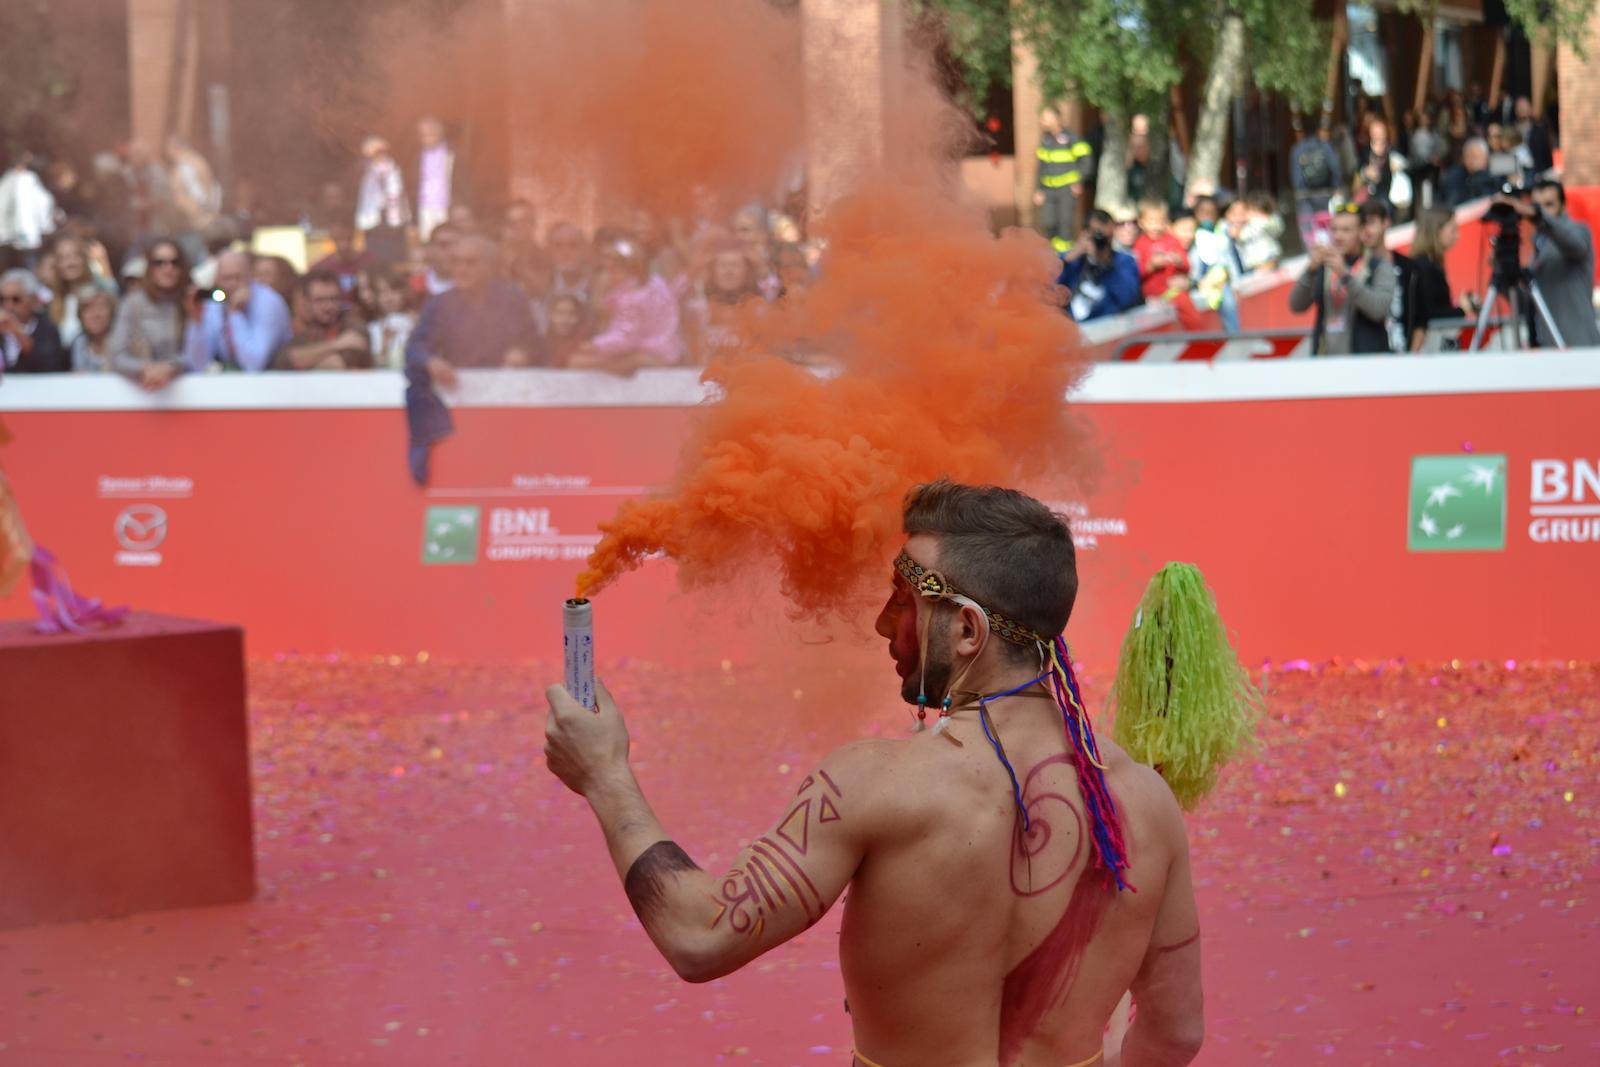 Roma 2015: un momento del red carpet animato di Pan - Viaggio sull'isola che non c'è